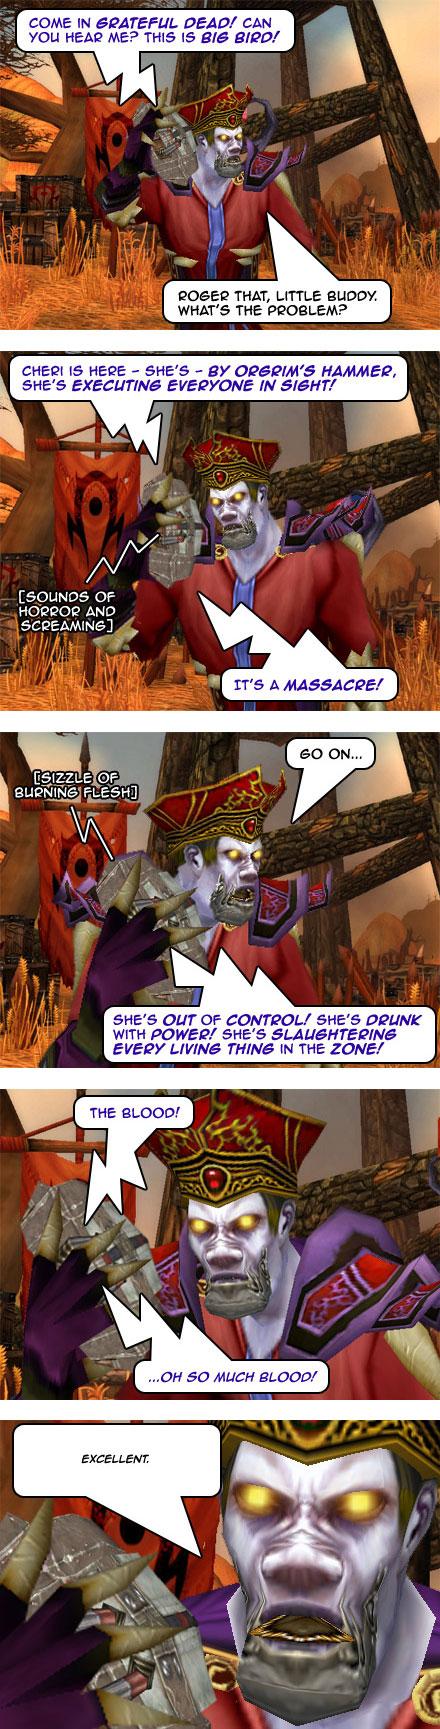 Part 20: So Much Blood!